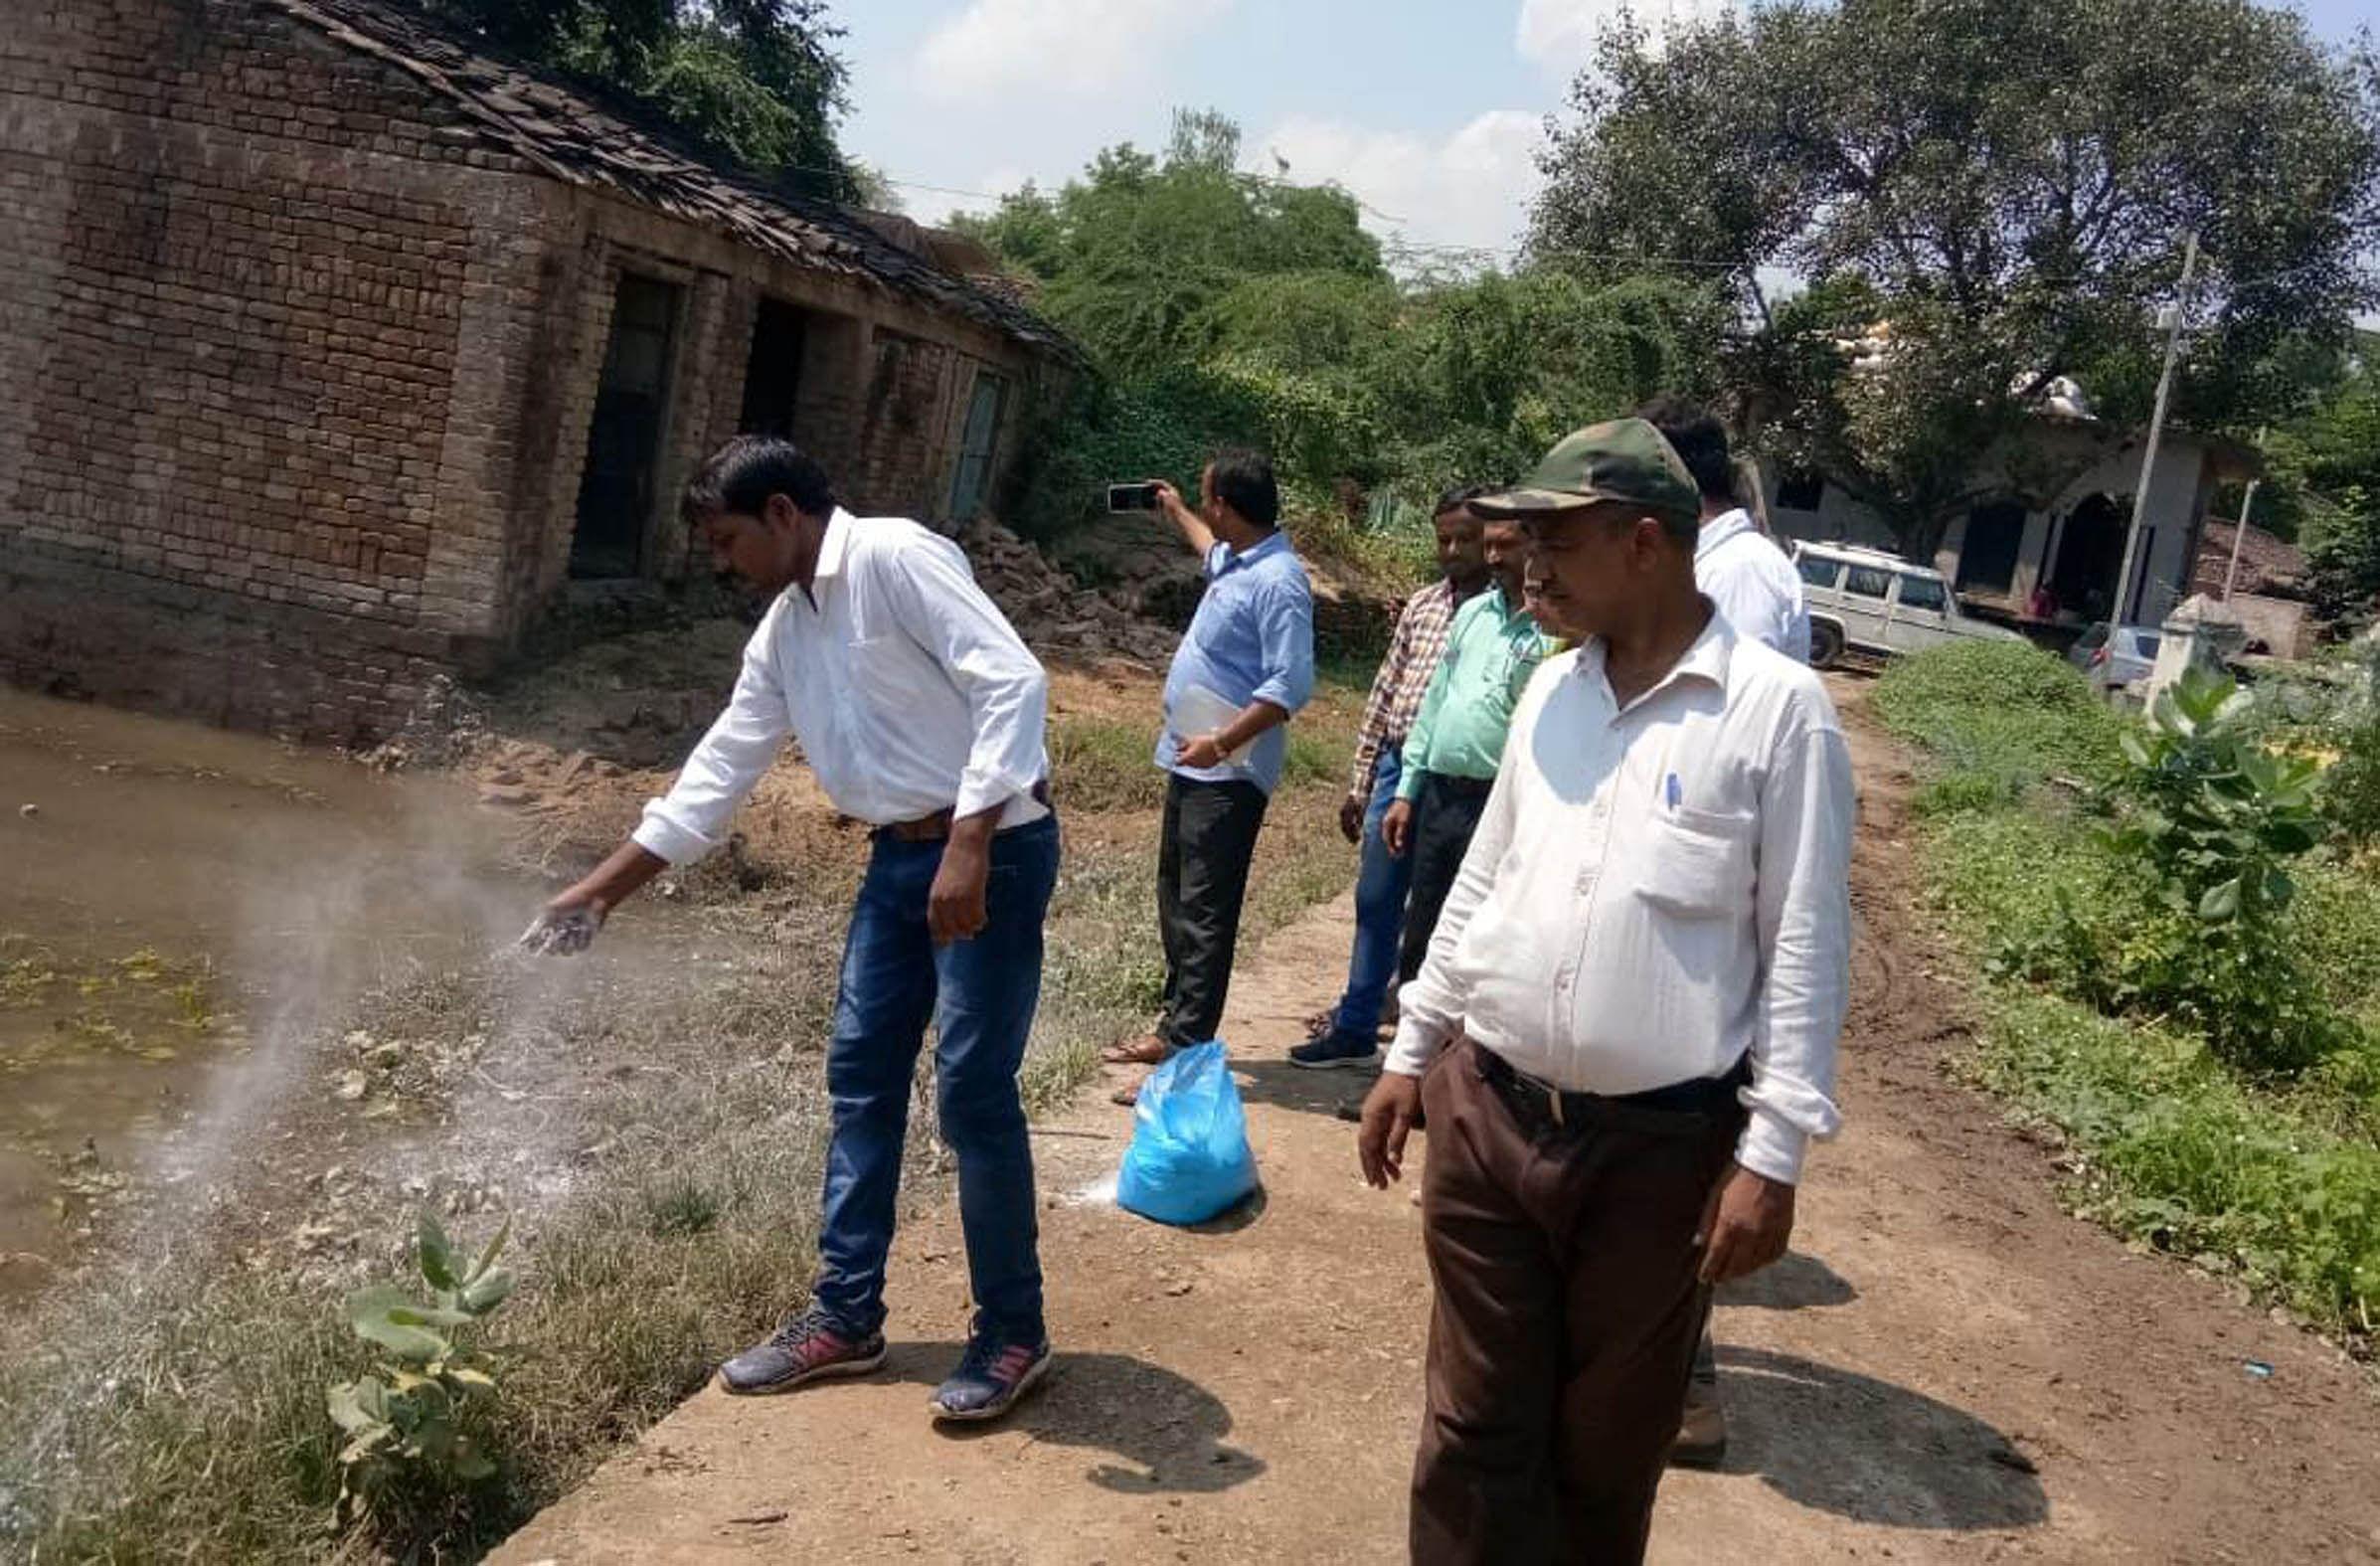 बाढ़ का पानी उतरने के बाद जसपुरा क्षेत्र में दवाओं का छ़िड़काव करती स्वास्थ्य विभाग की टीम।